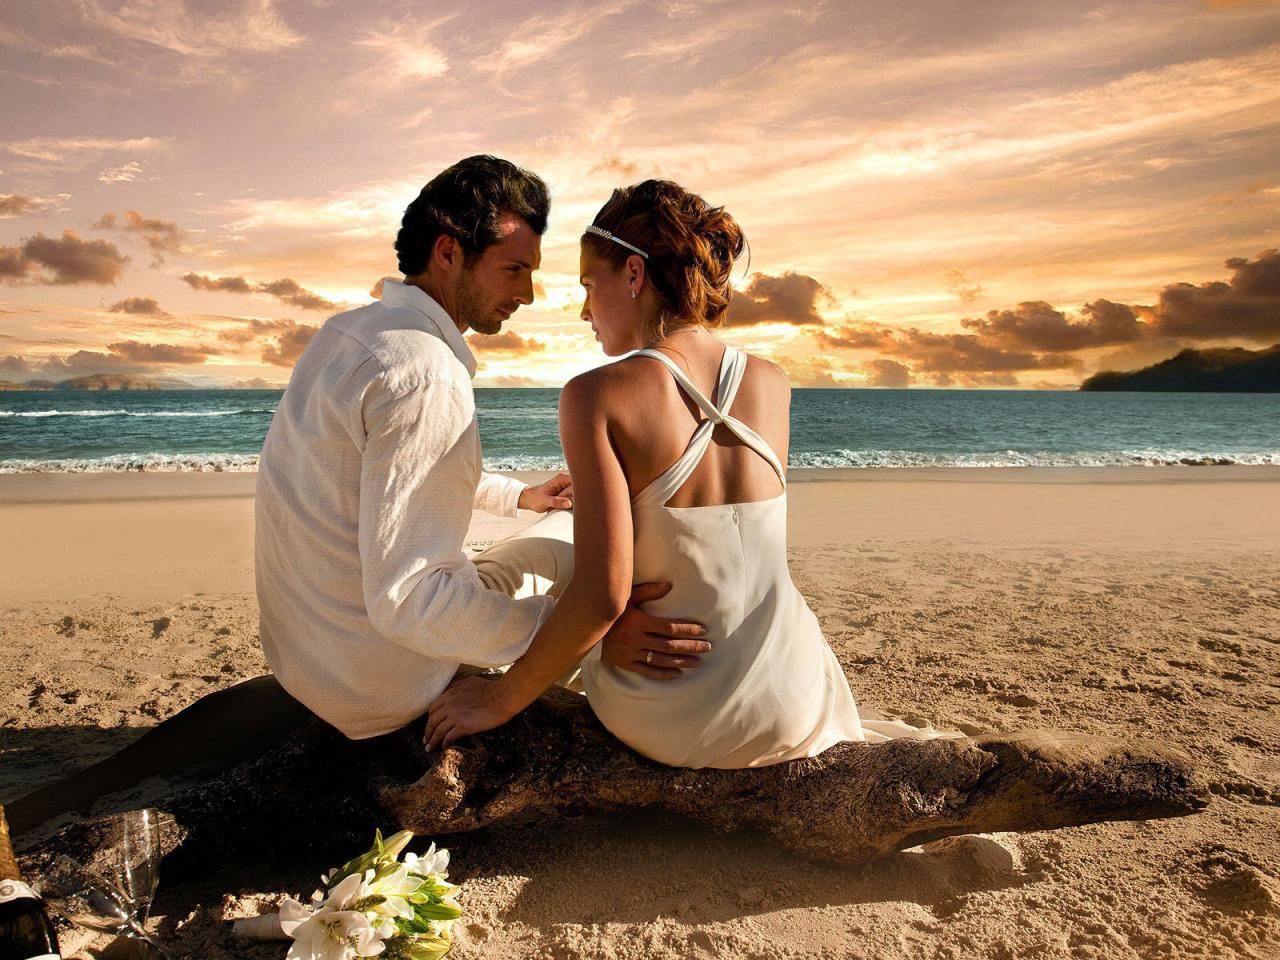 صورة صور حب خياليه , صور رومانسية جديدة